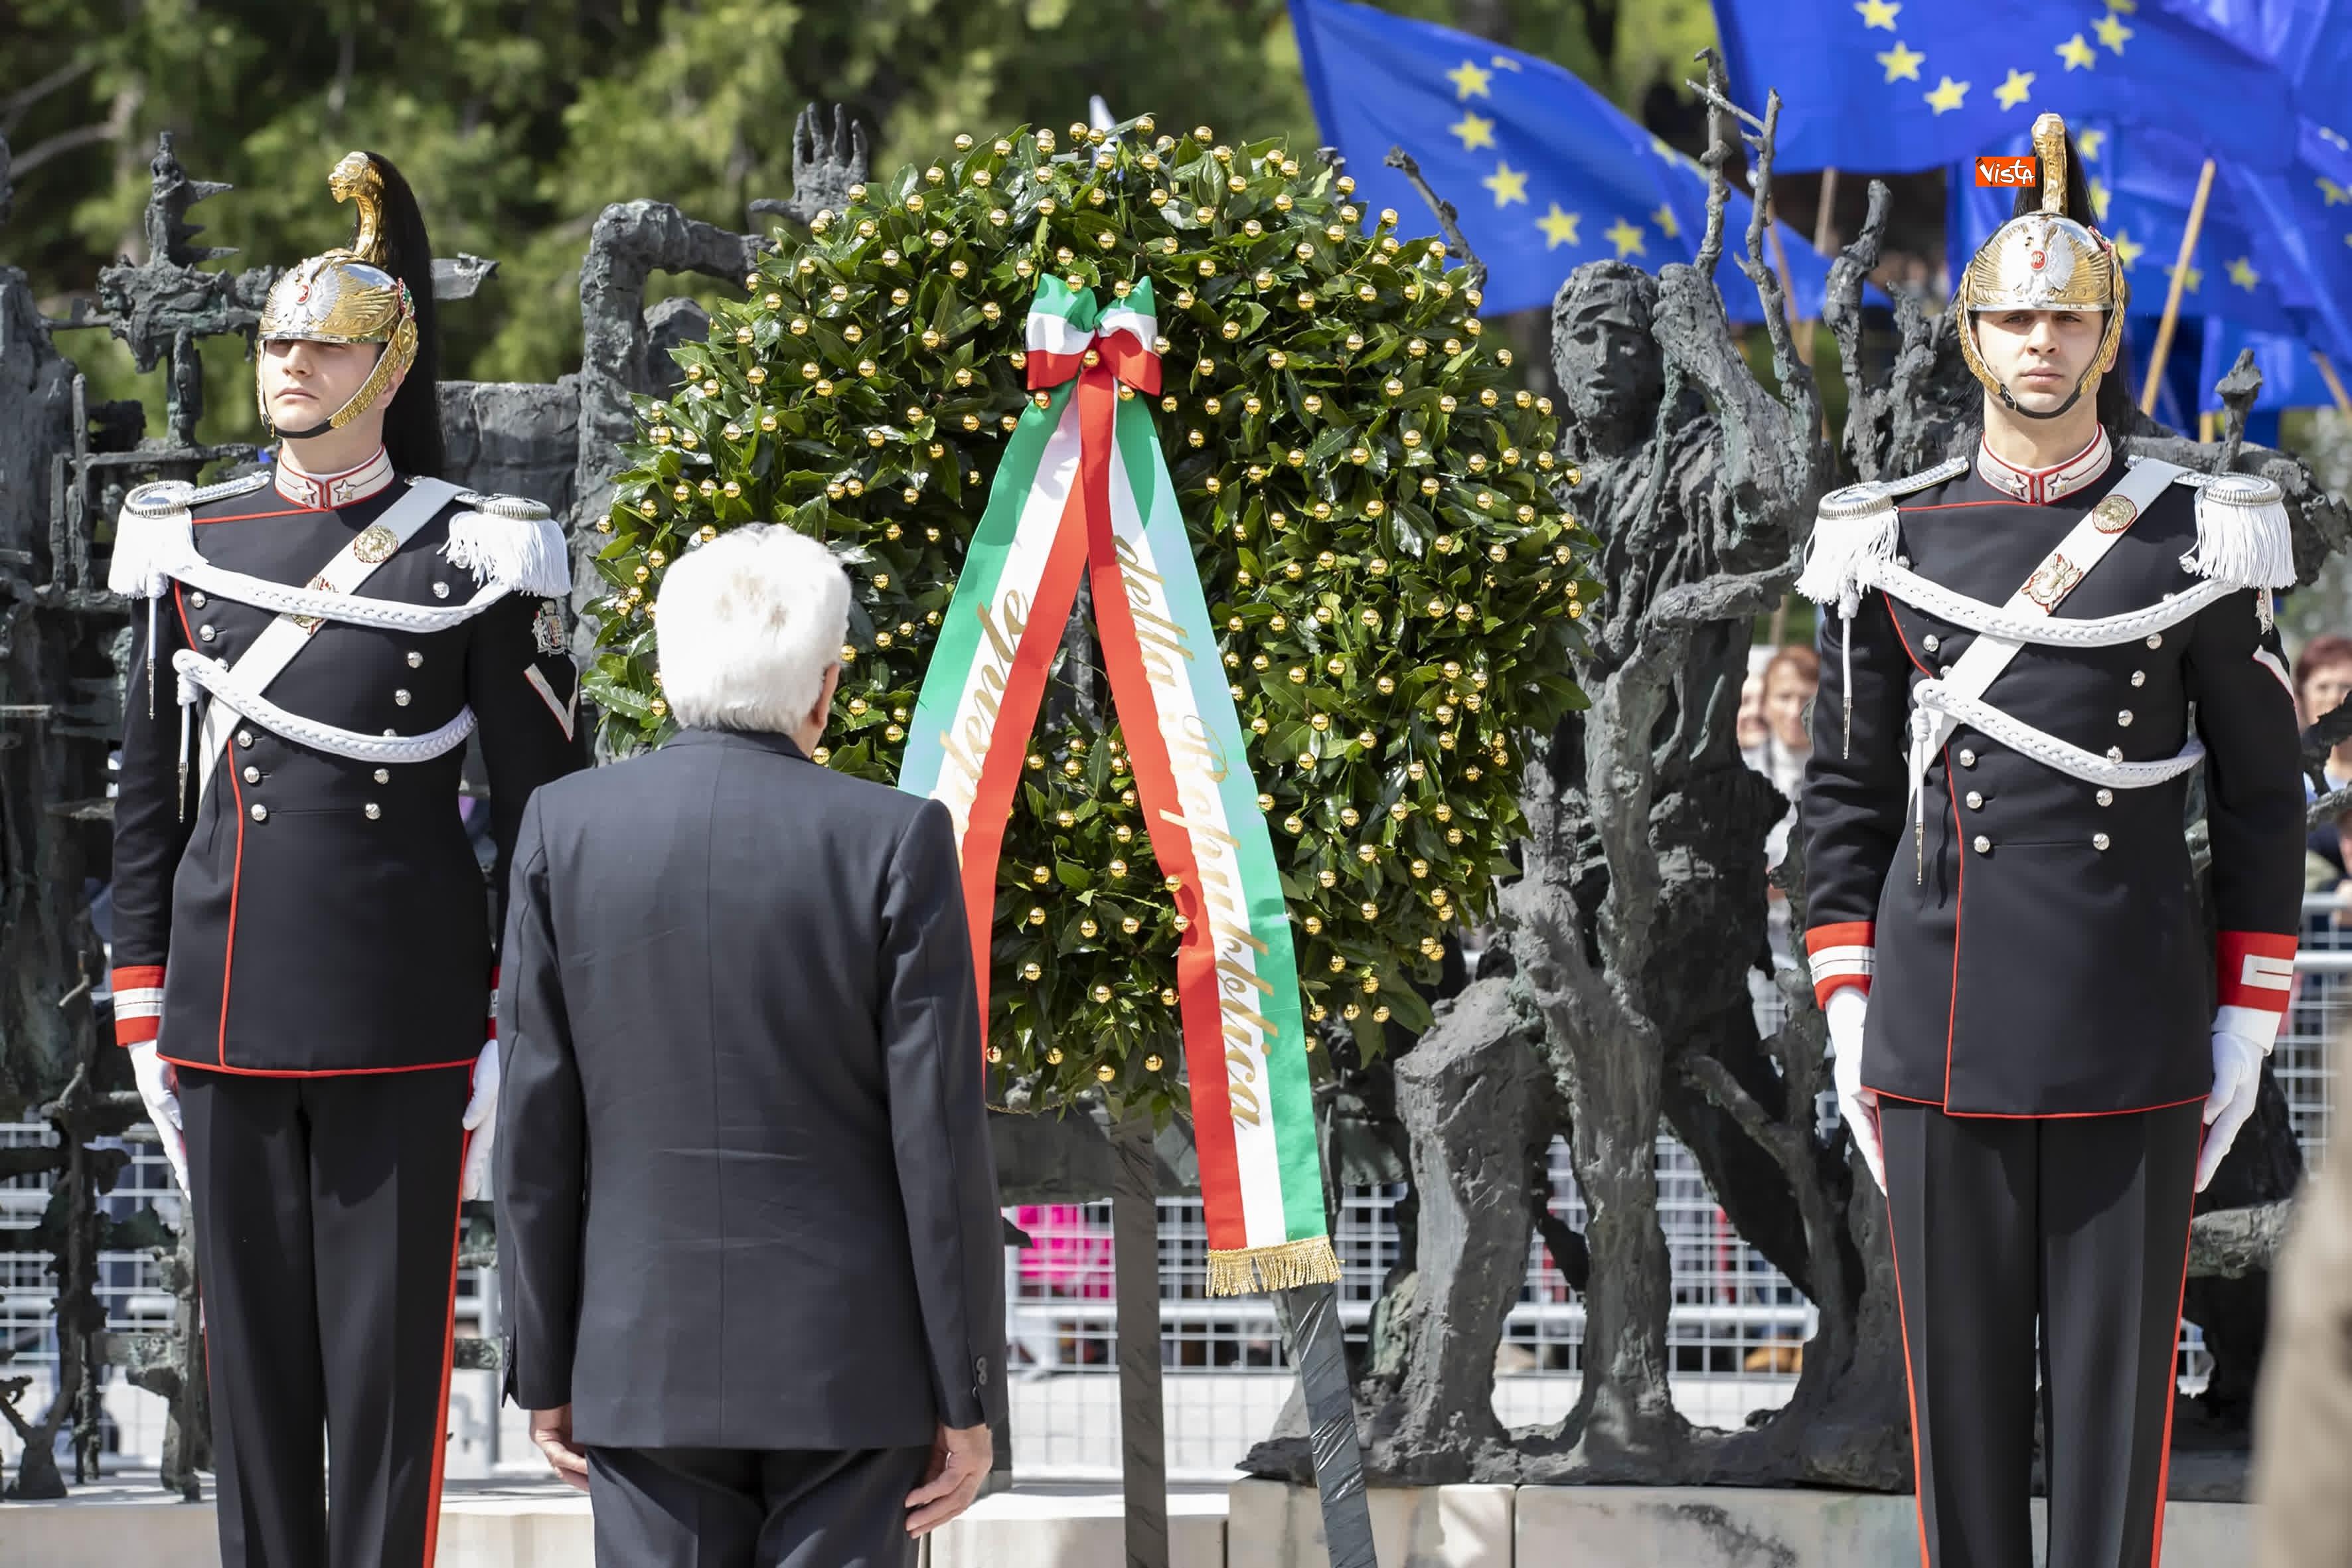 25-04-19 Il Presidente Mattarella assiste alla Cerimonia dell alzabandiera a Vittorio Veneto_07